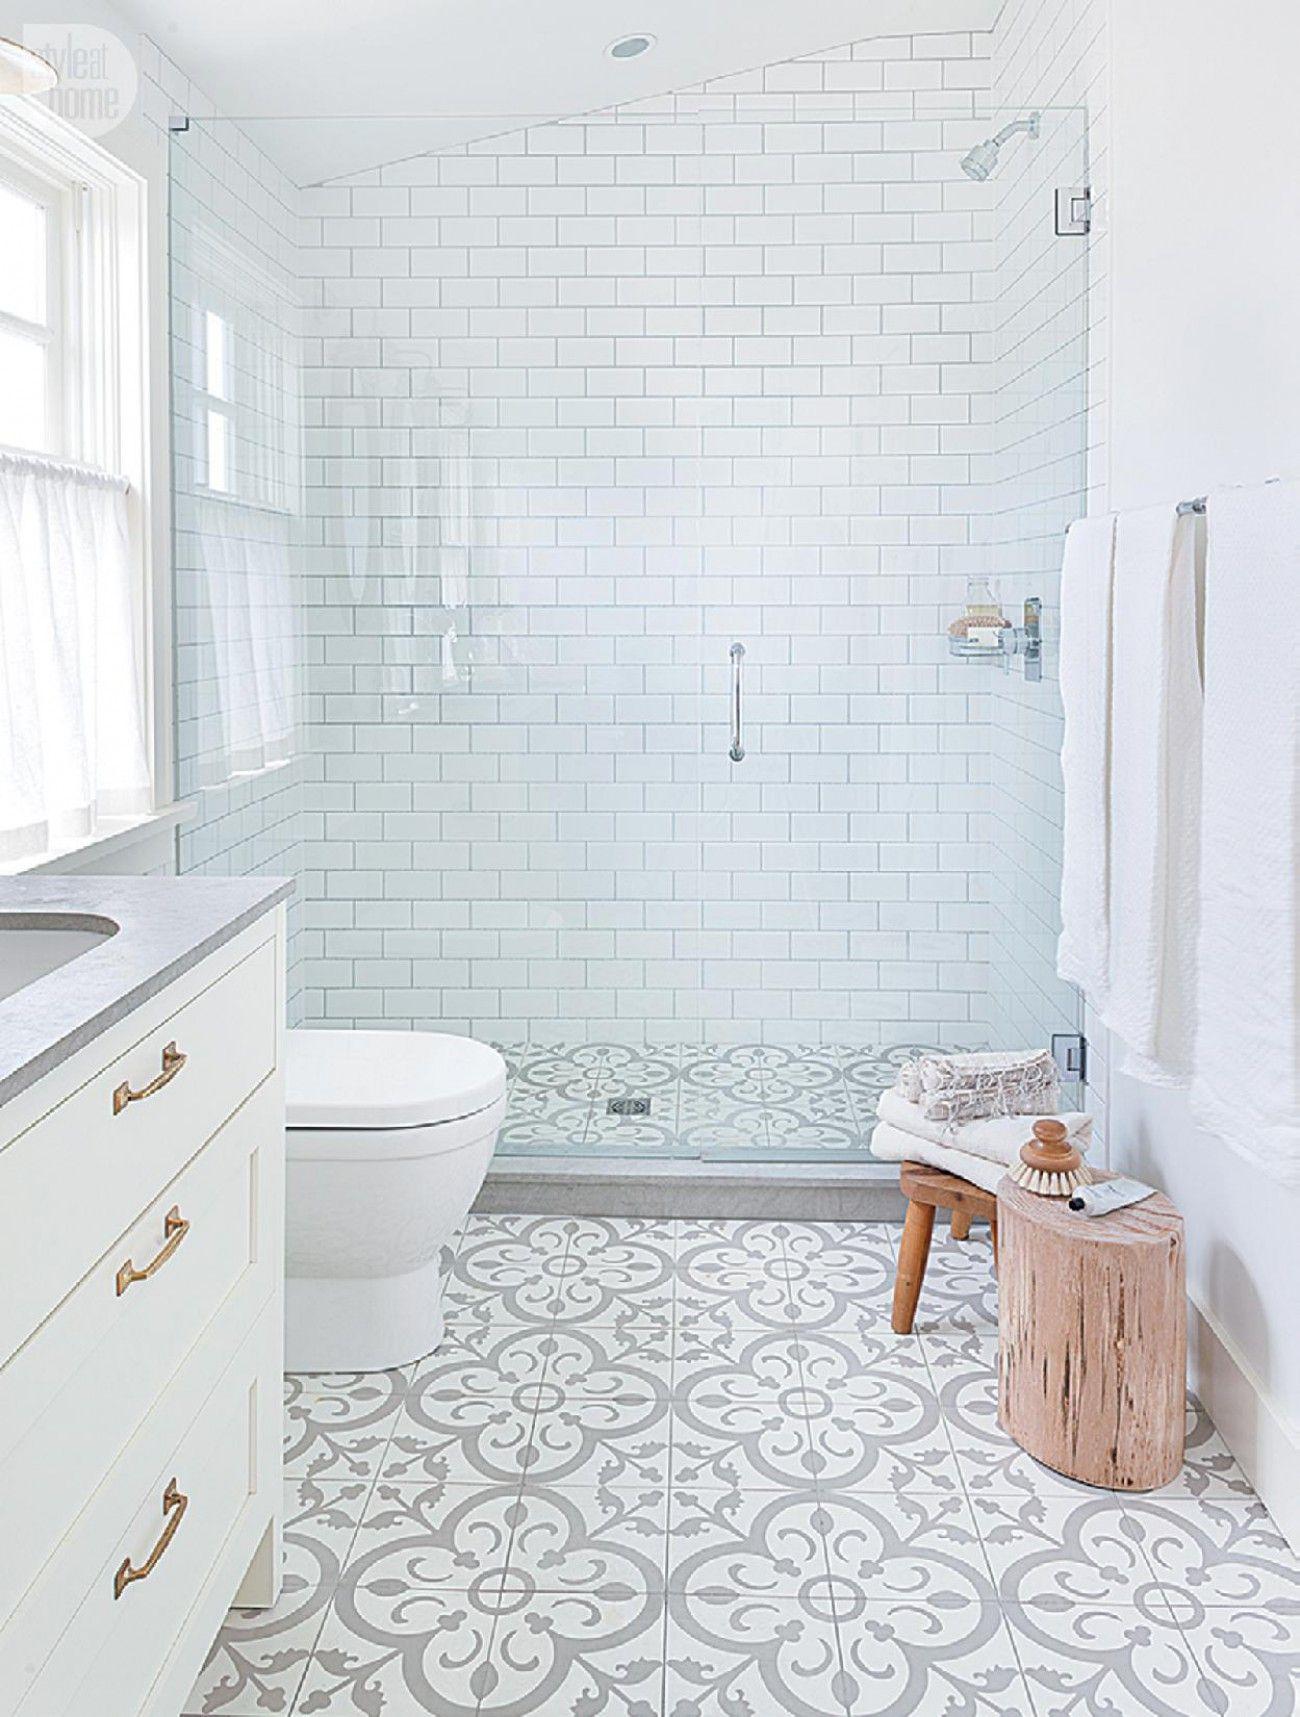 Ja, ook jij wil dit: een krukje in de badkamer | Interiors, House ...